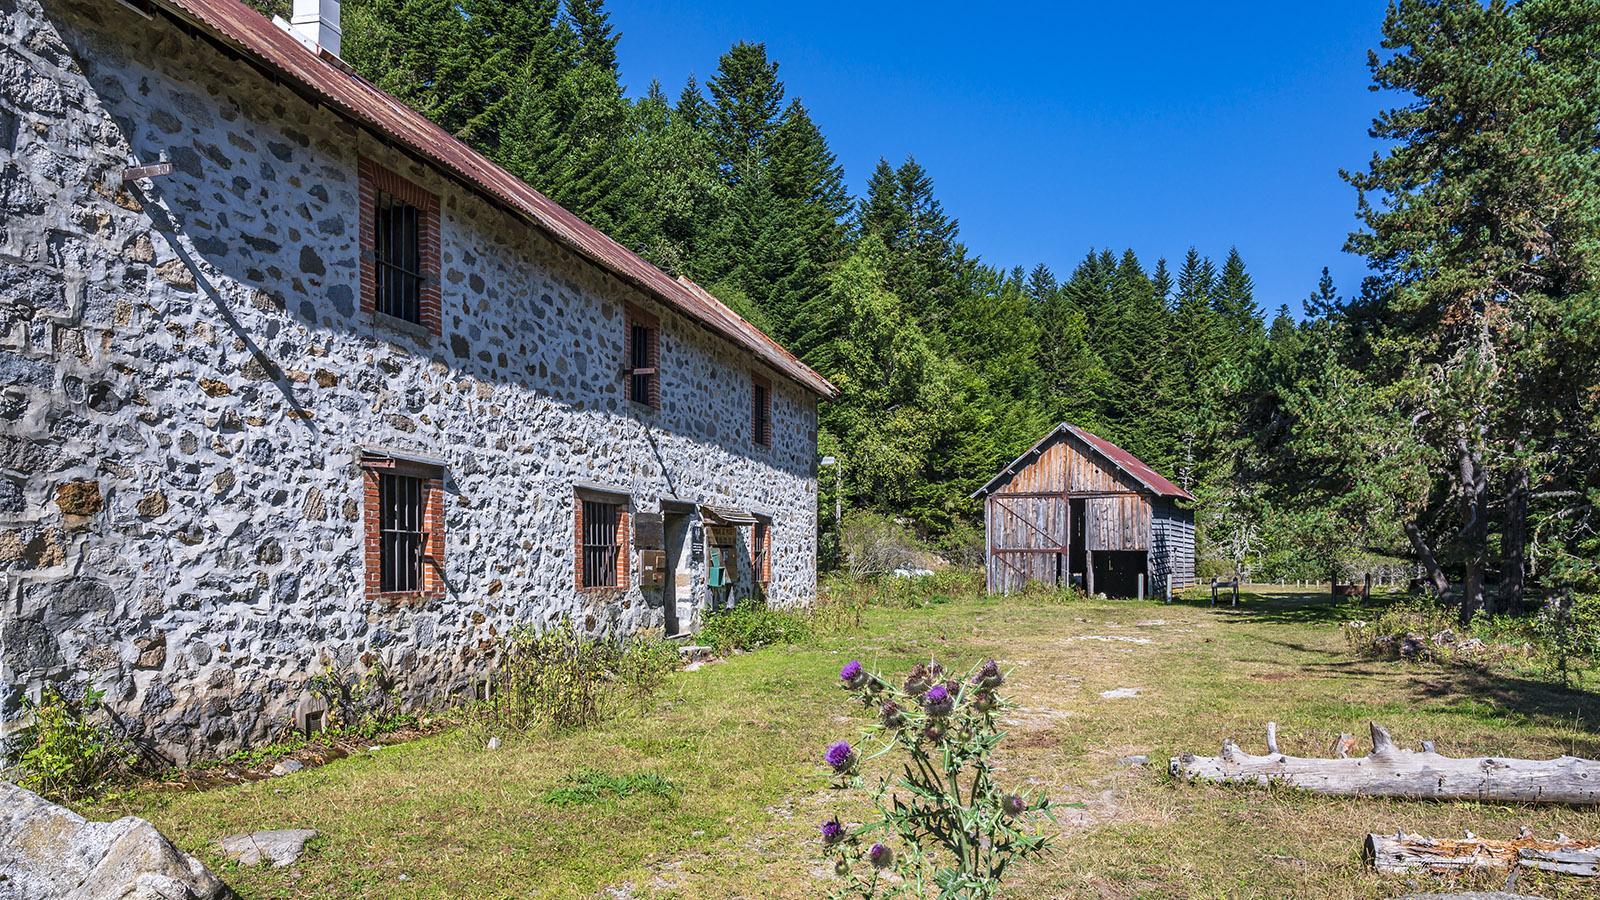 Die Schutzhütte <em>Refuge de Caillau</em> am Madrès-Massiv.